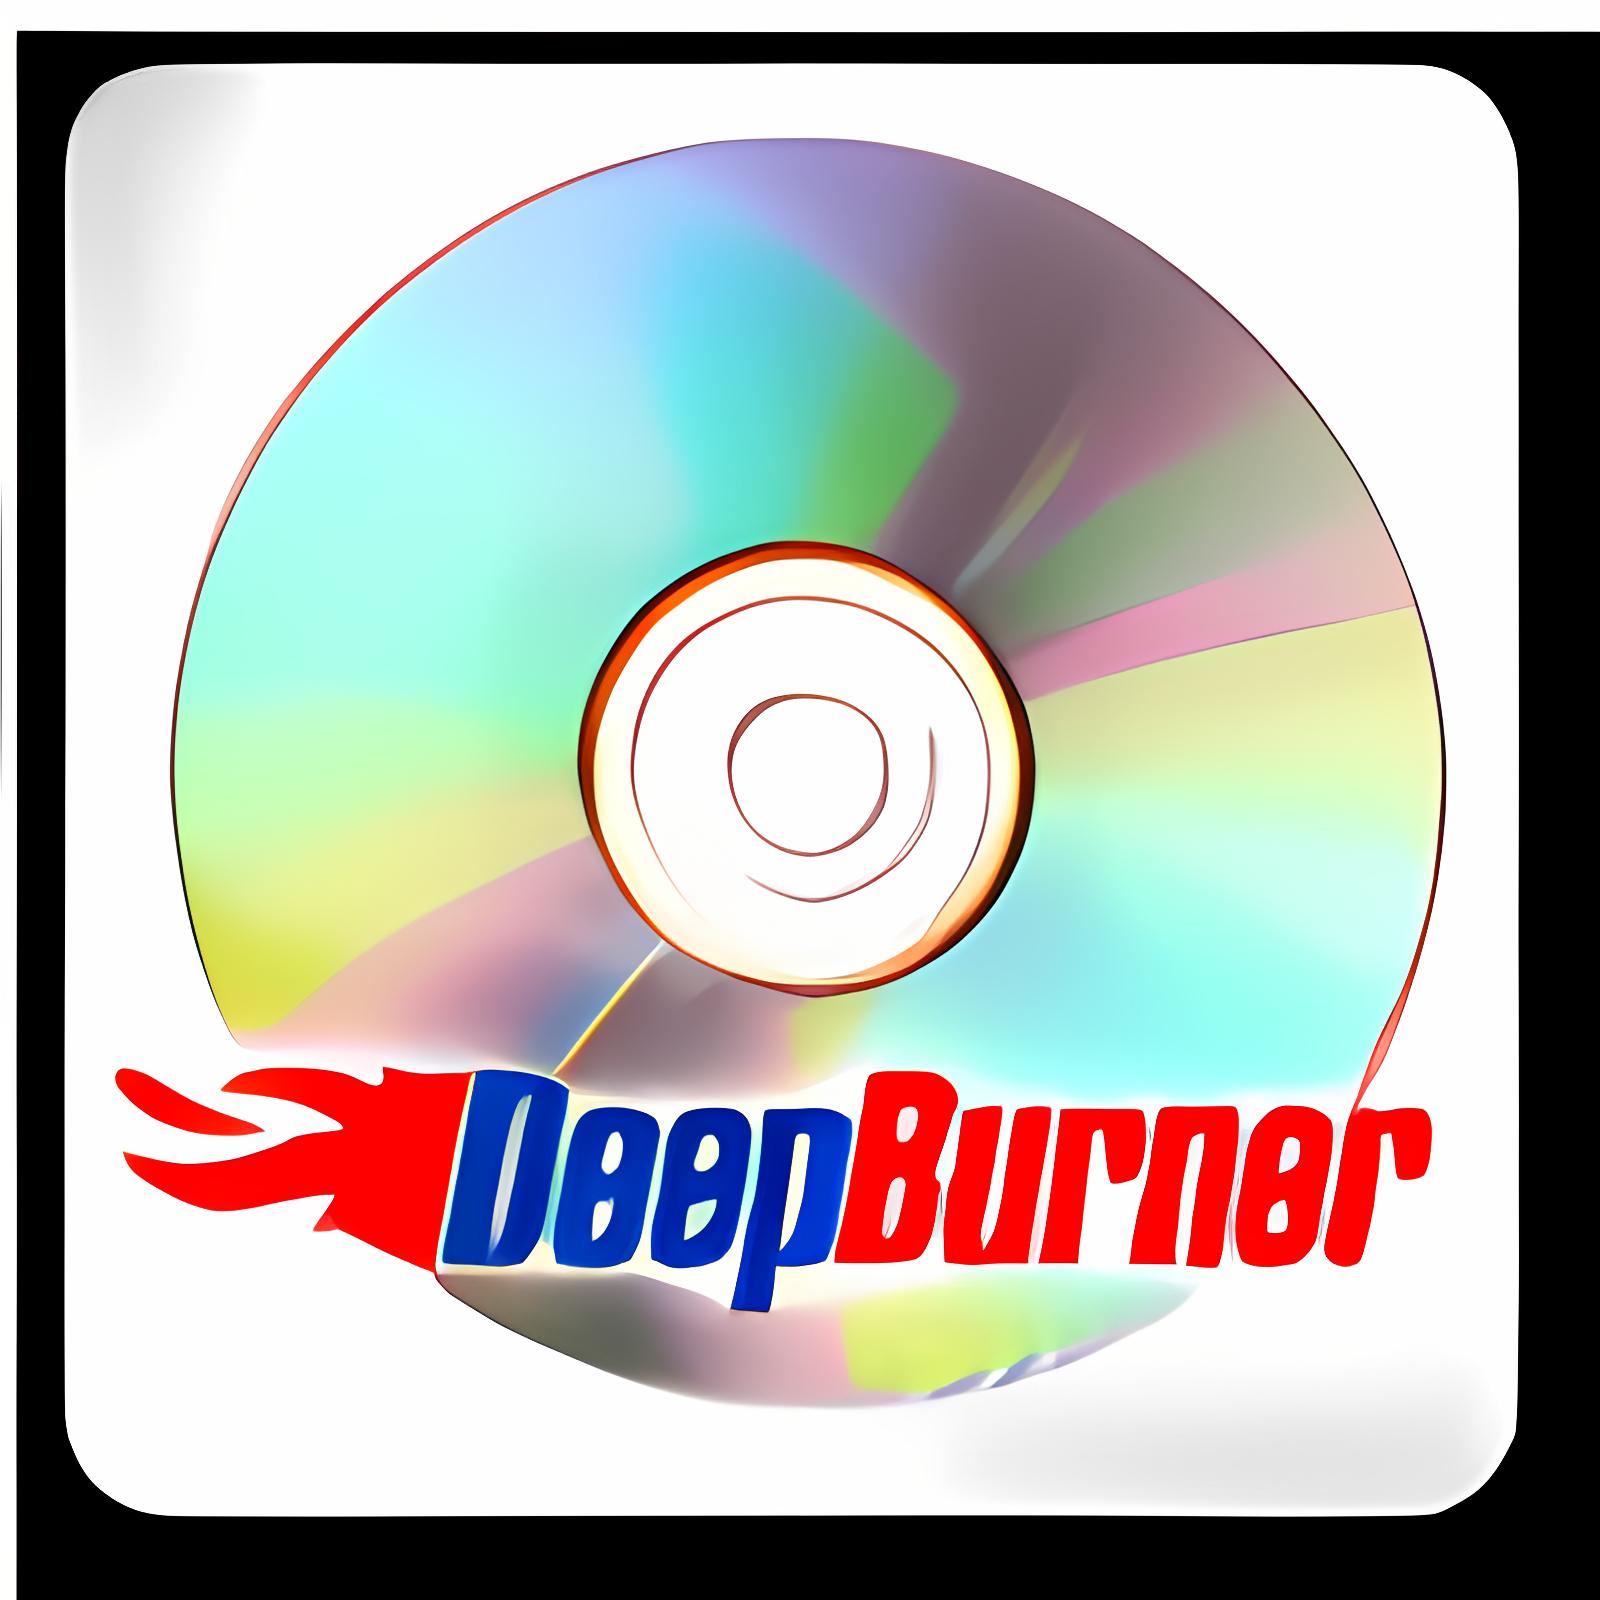 DeepBurner Free 1.9.0.228